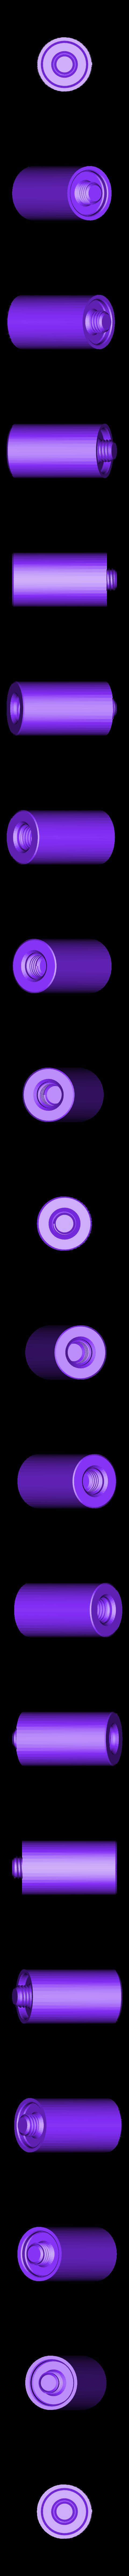 85mm_BigRod.STL Télécharger fichier STL gratuit Le porte-bobine universel - Page principale • Design pour imprimante 3D, Balkhagal4D